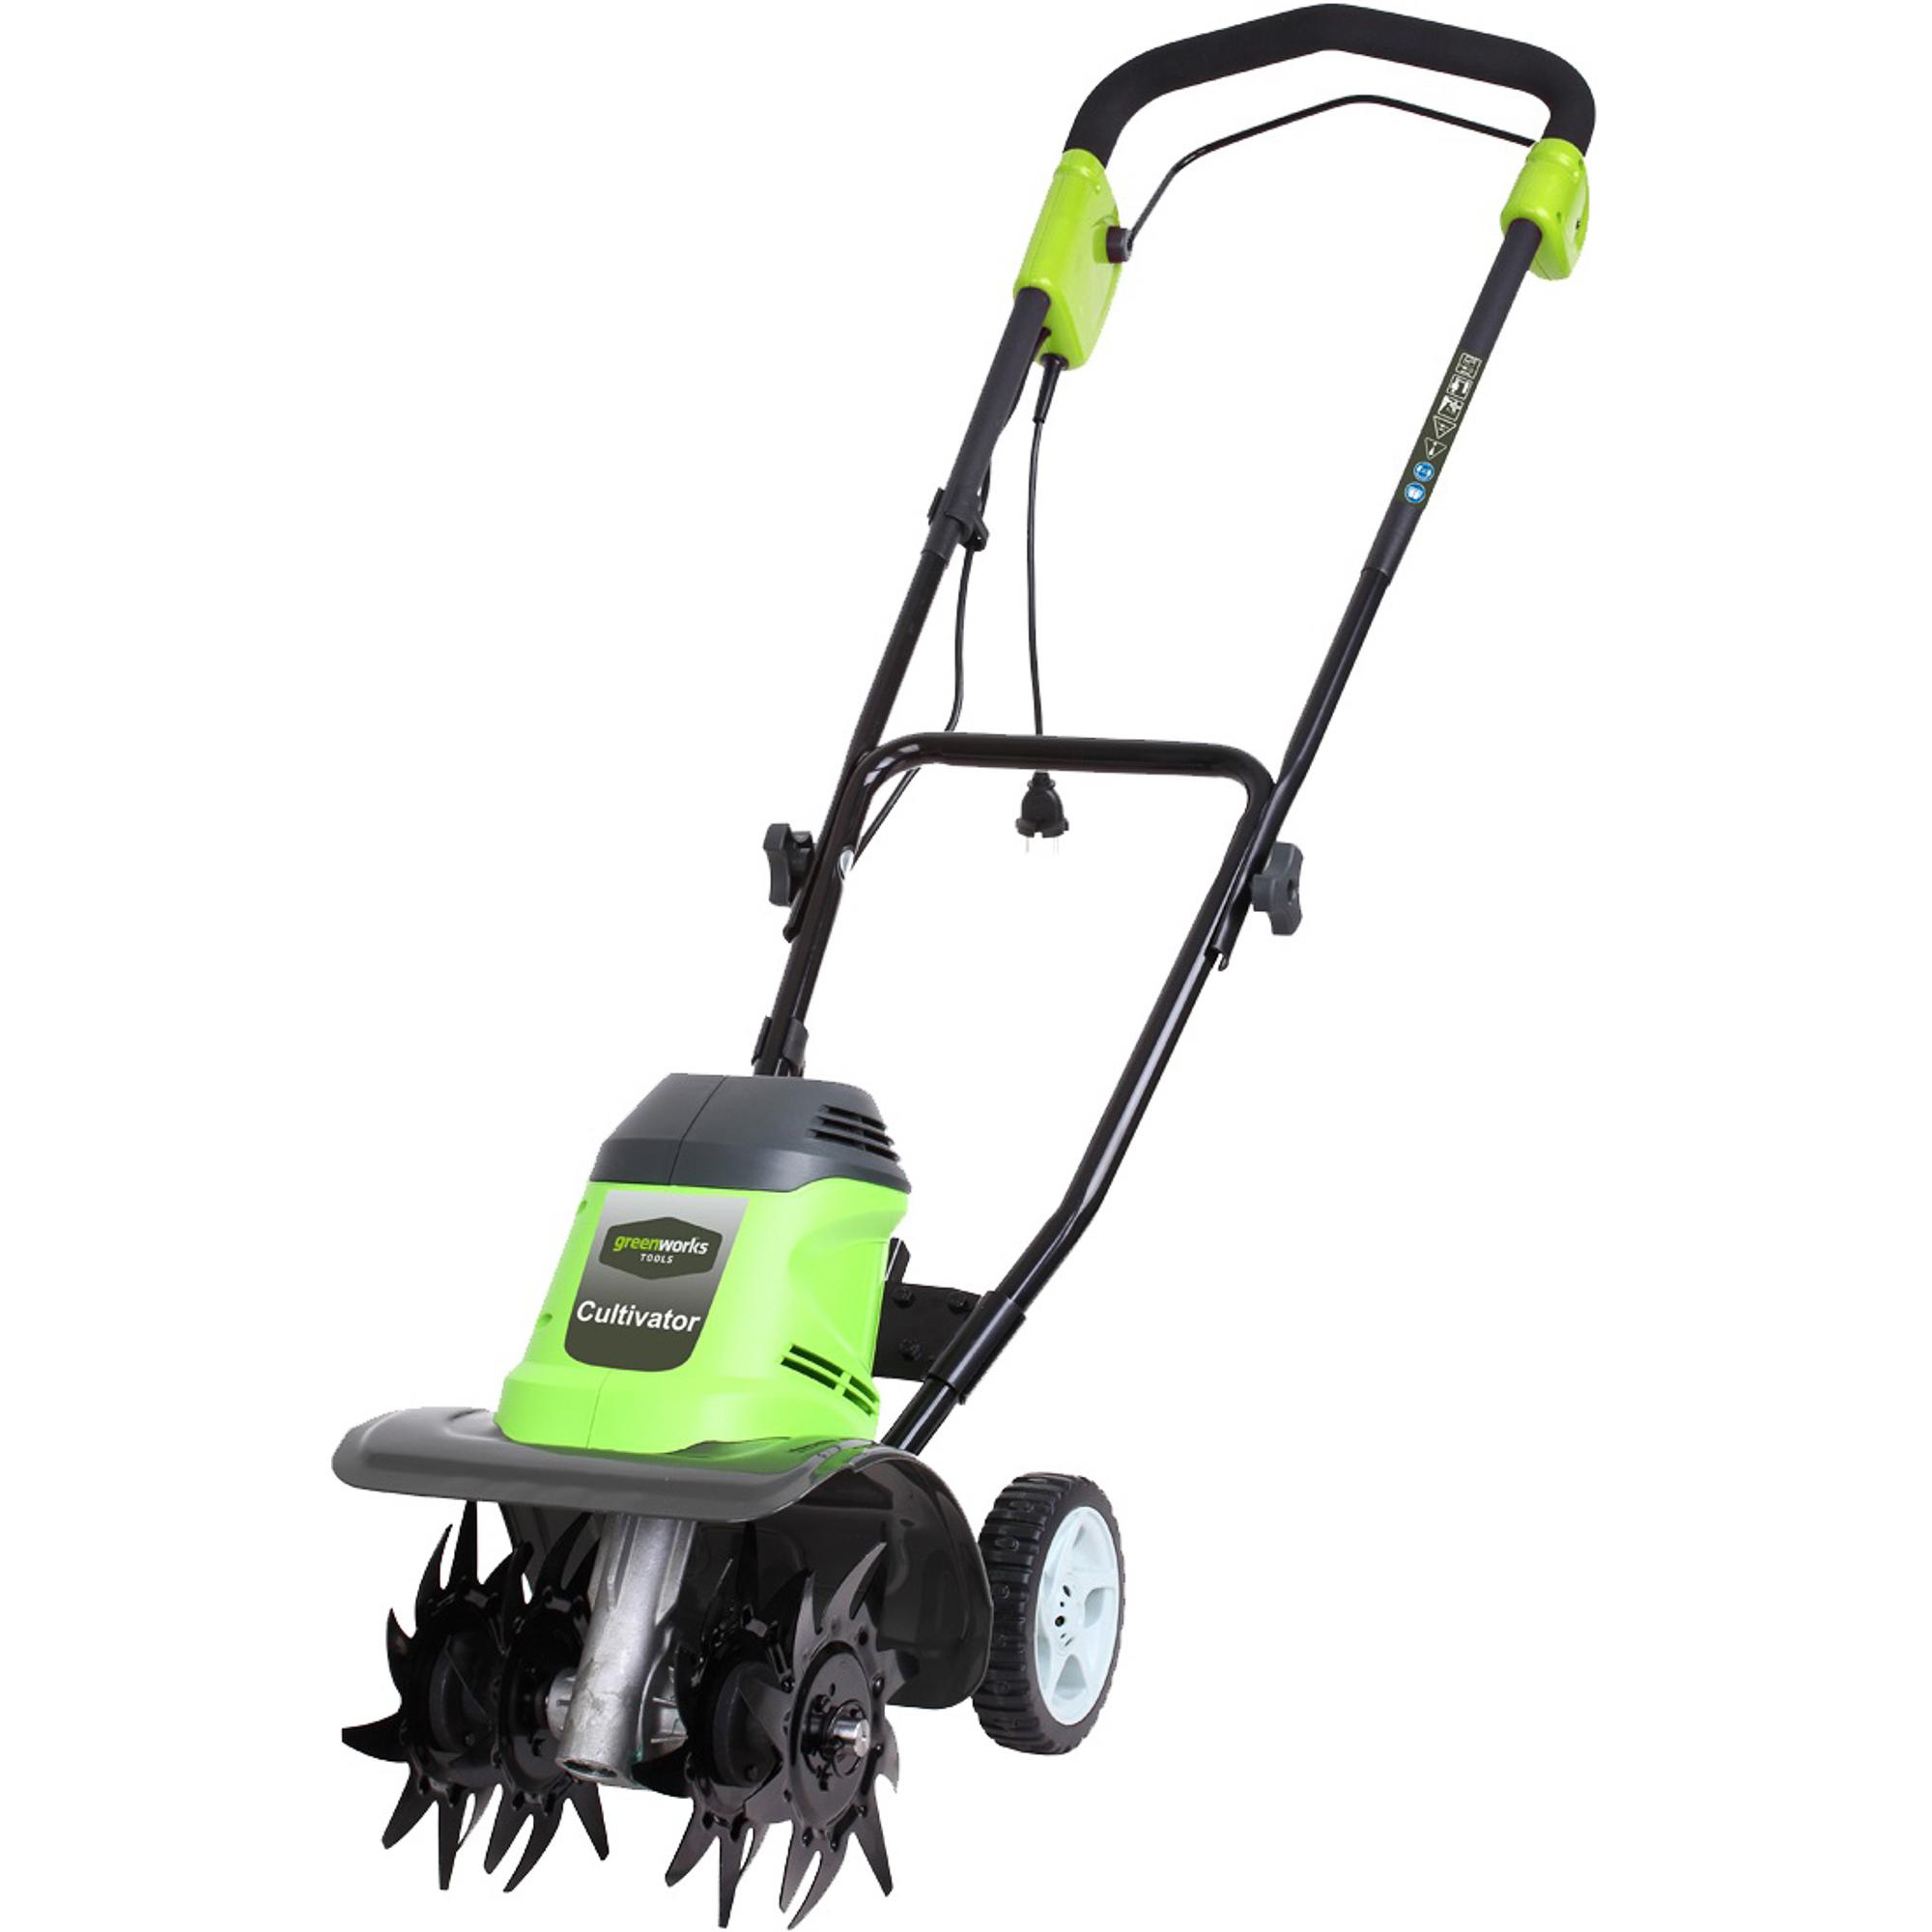 Культиватор GreenWorks GTL9526 27017